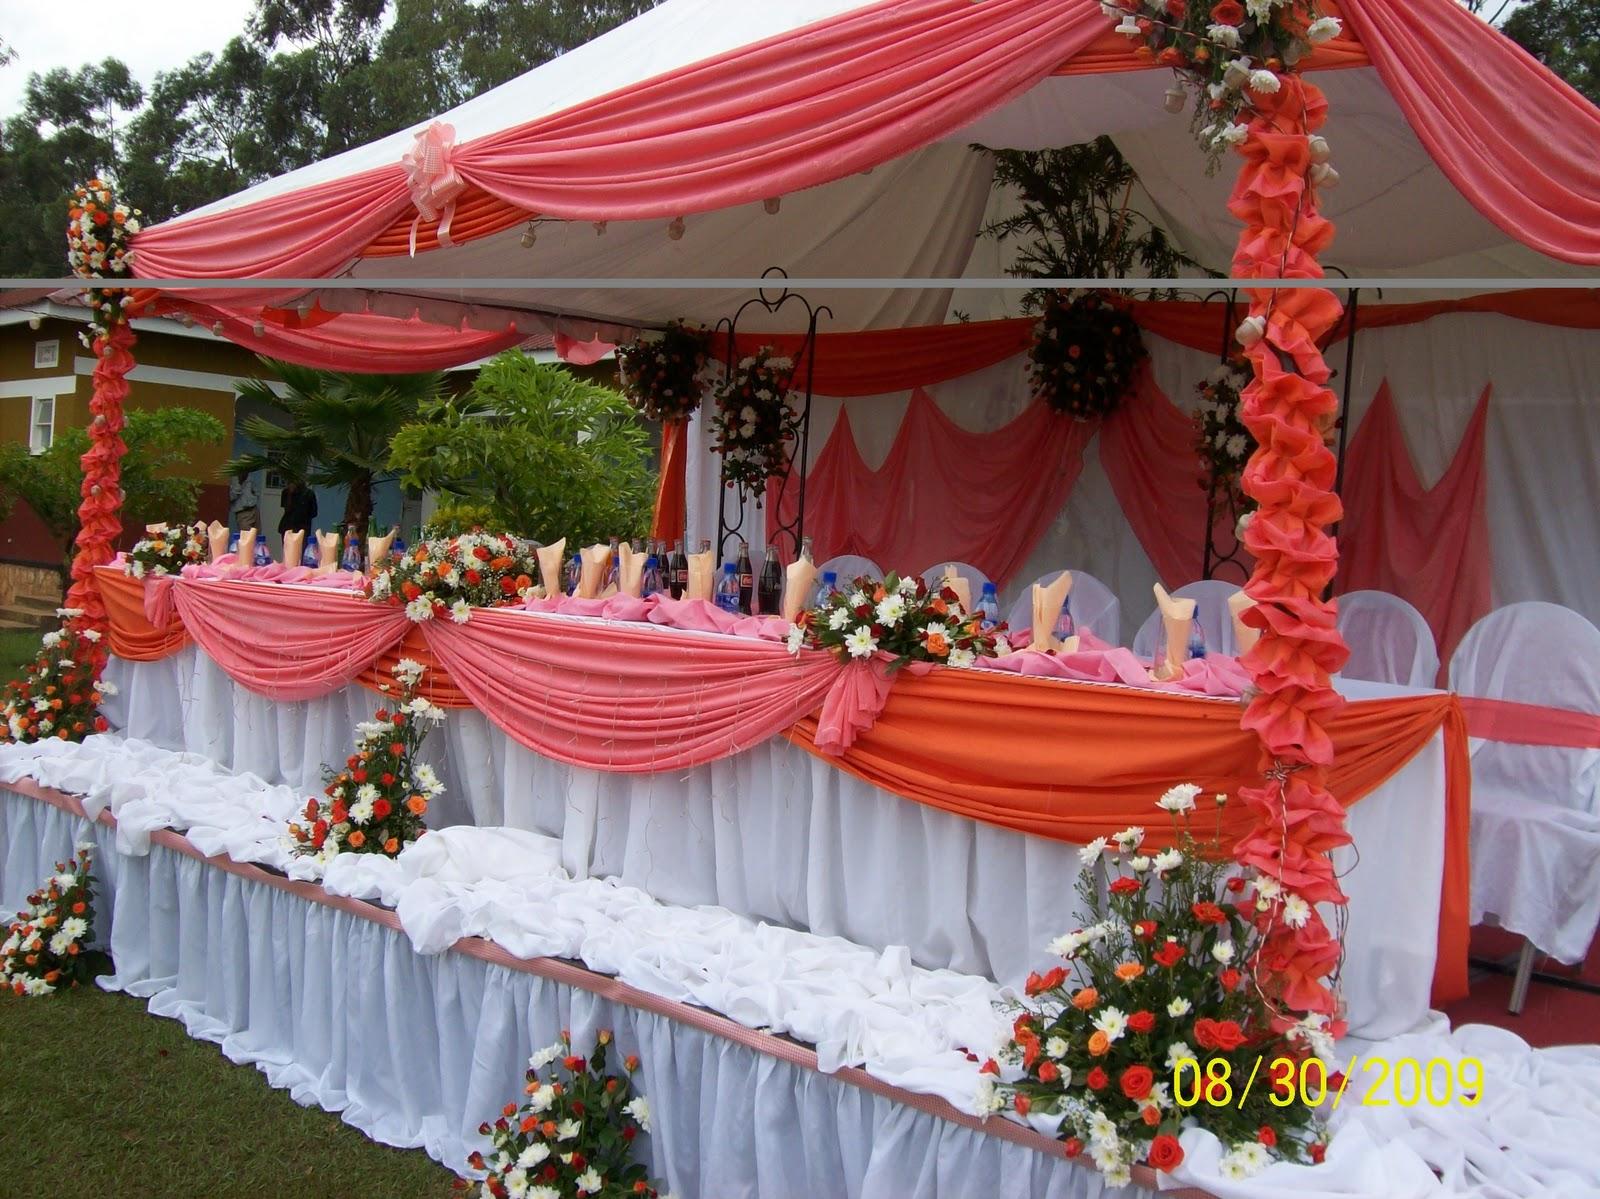 Wedding decoration uganda images wedding dress decoration and wedding decoration uganda images wedding dress decoration and wedding and party decorations pictures king of uganda junglespirit Choice Image